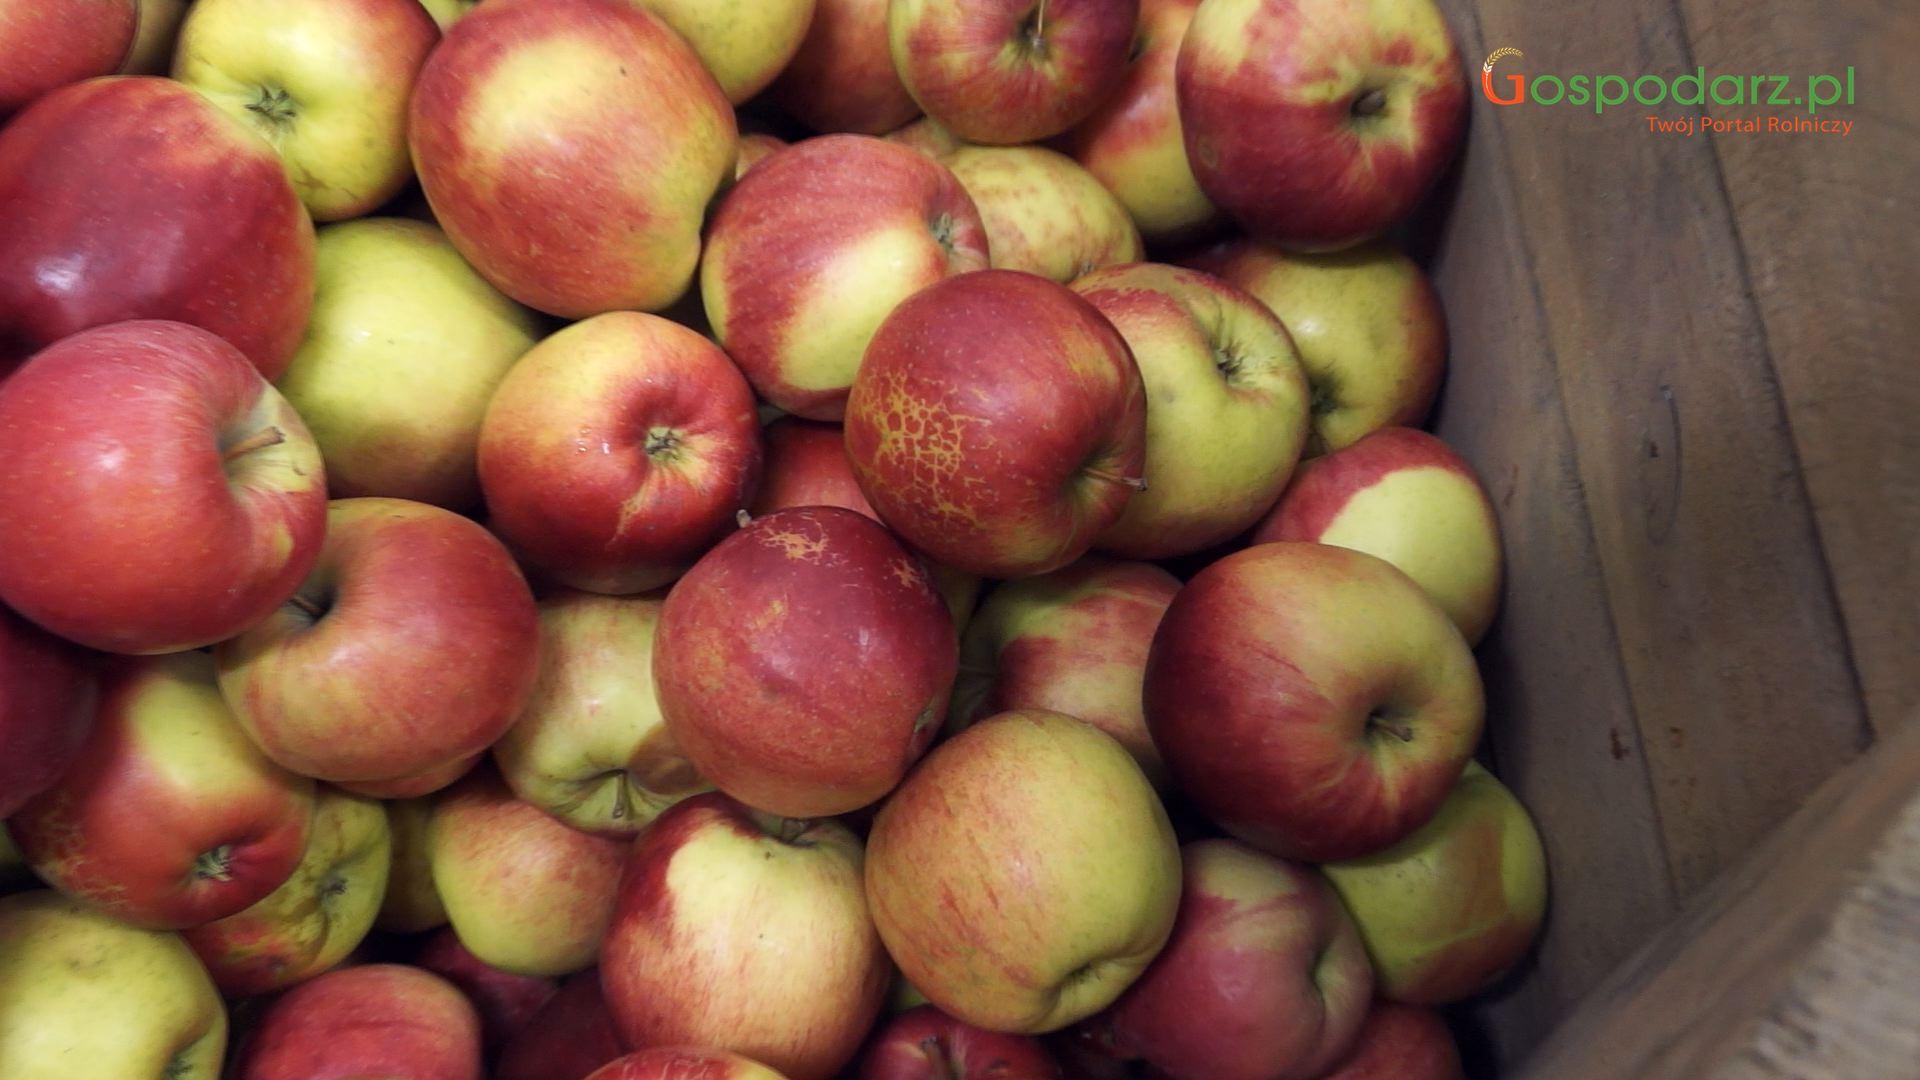 Ceny detaliczne owoców w UE zdecydowanie wyższe niż przed rokiem